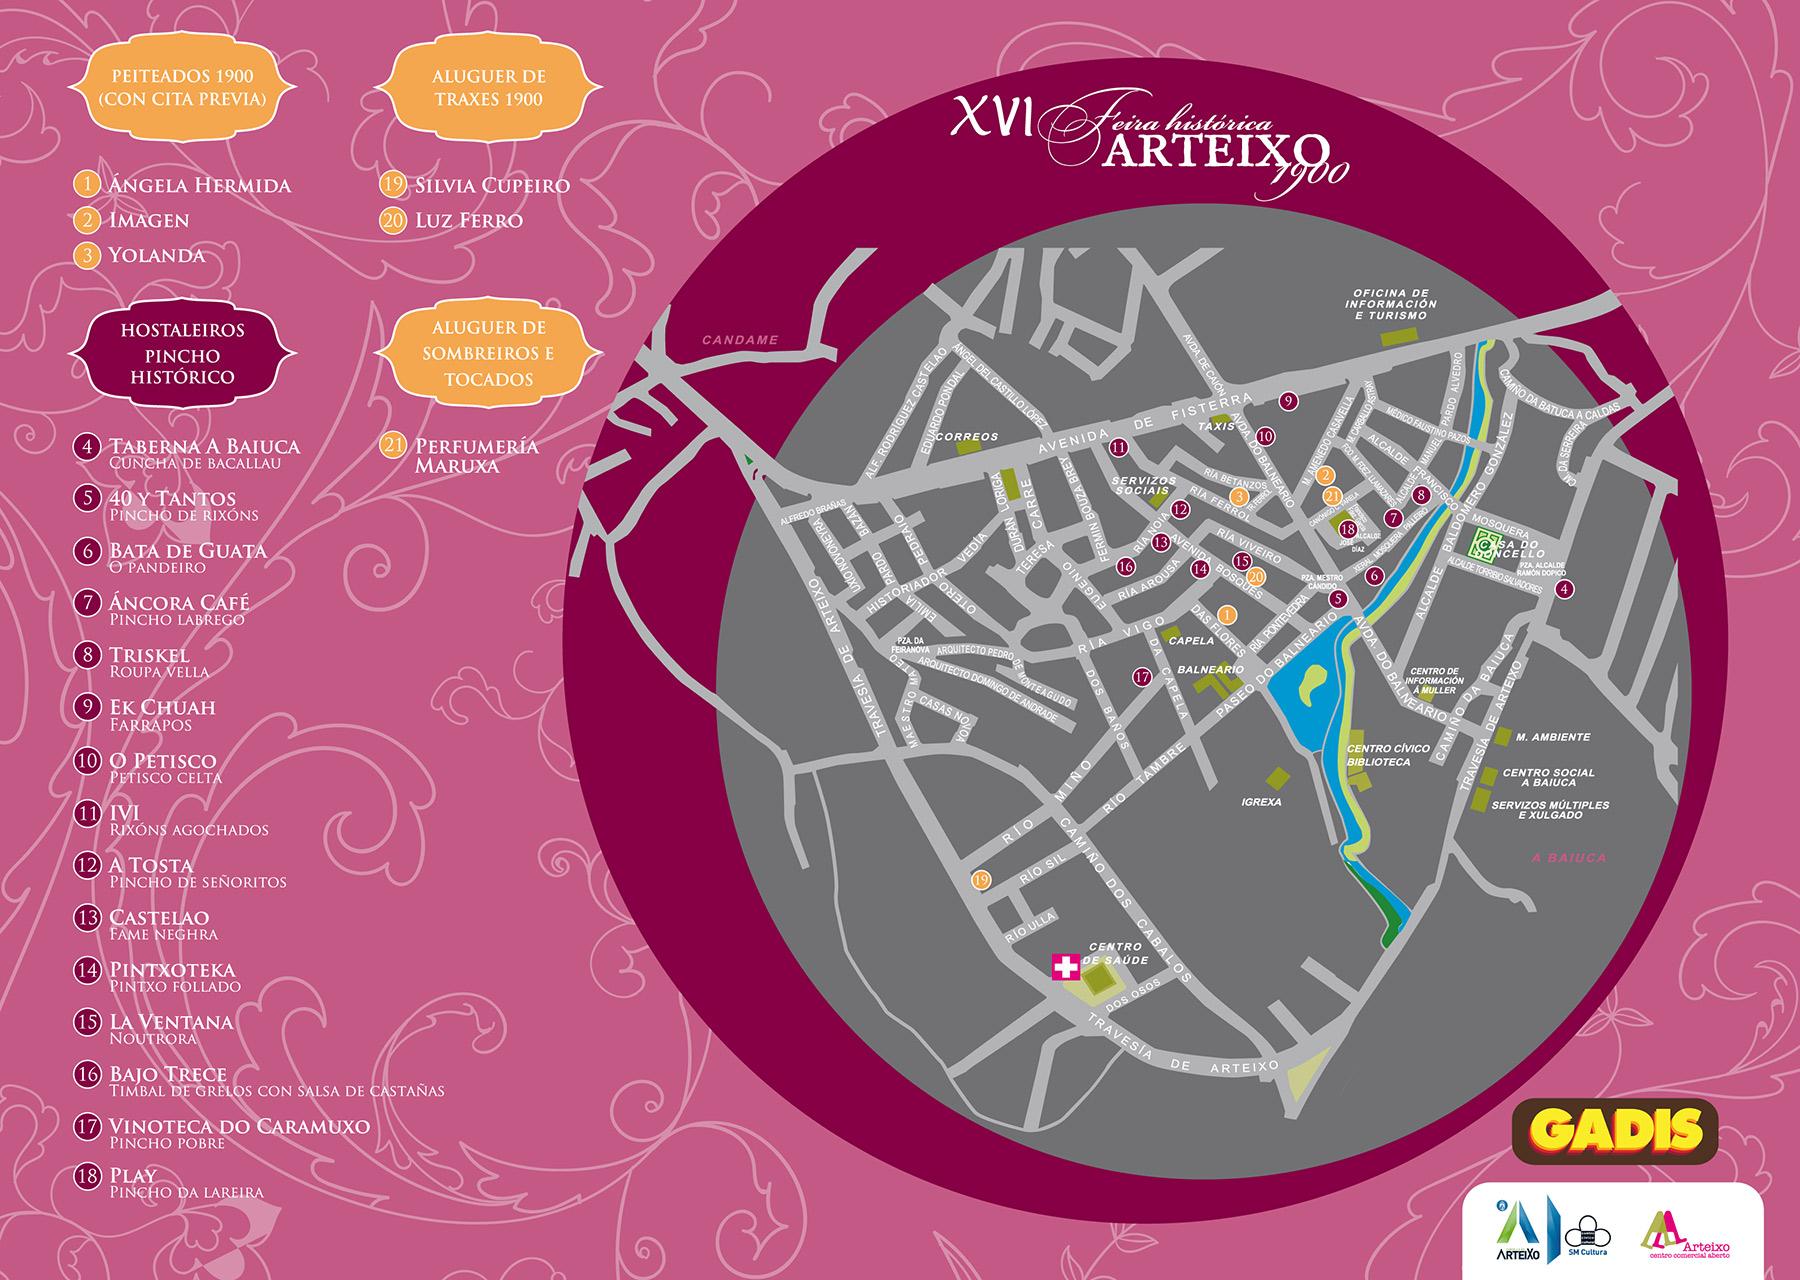 mapa-pincho-historico